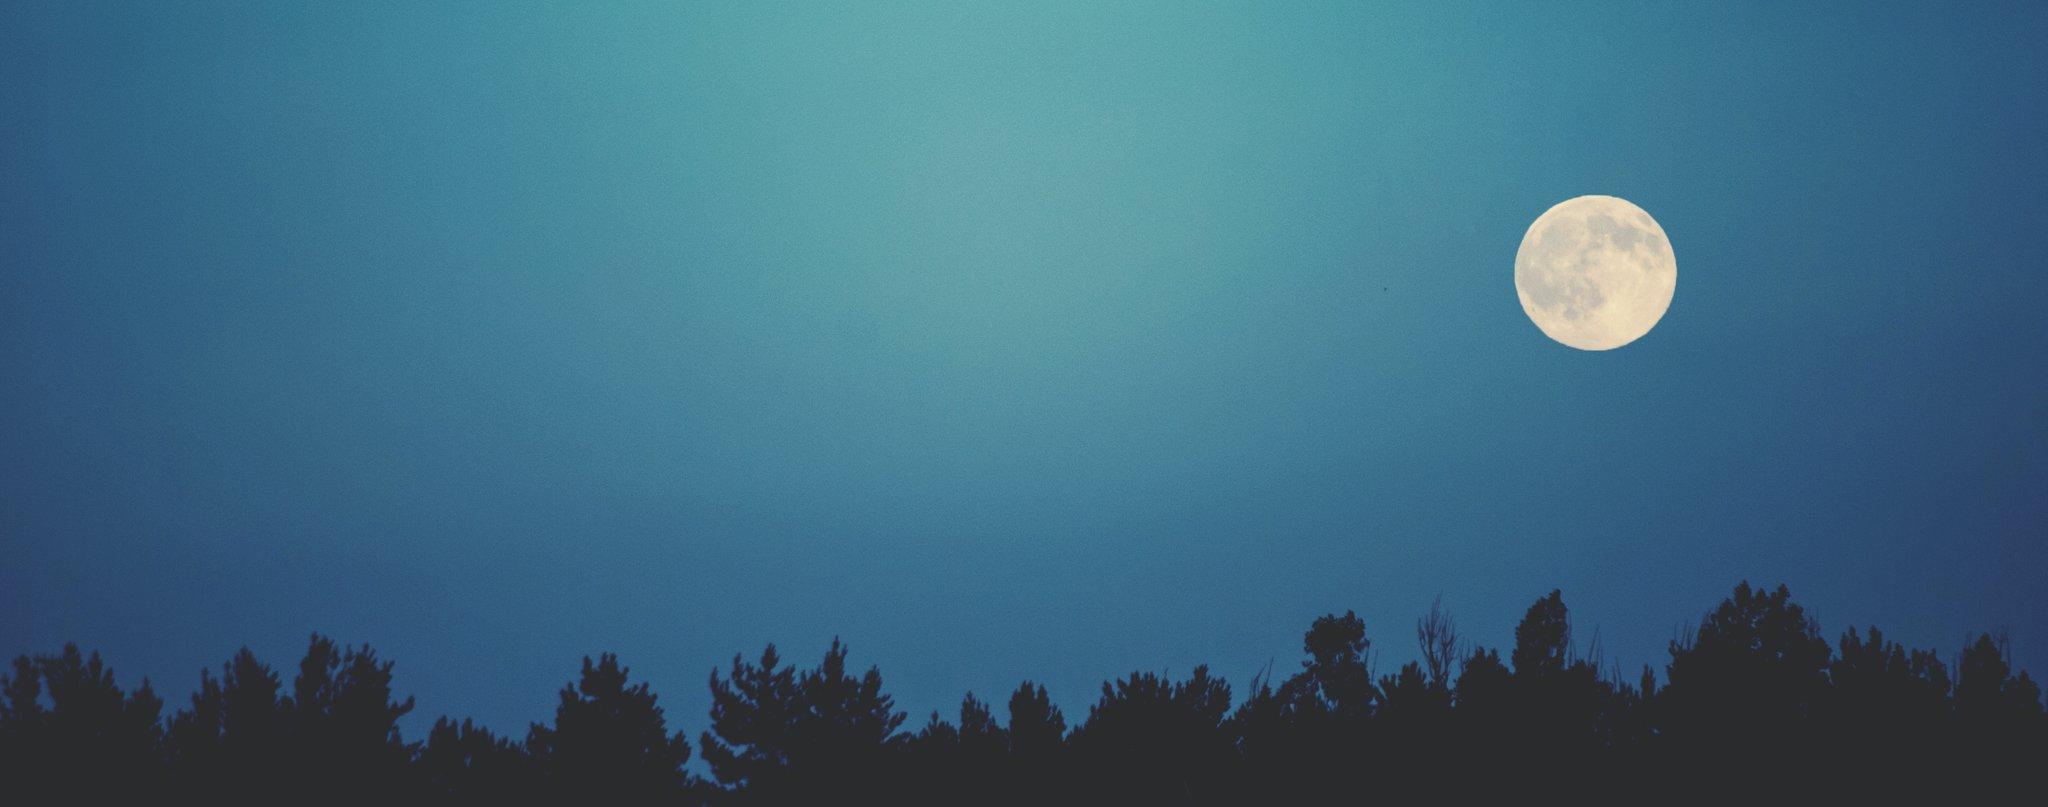 Pełnia Księżyca Pełnia Księżyca Źródło: licencja: CC 0.